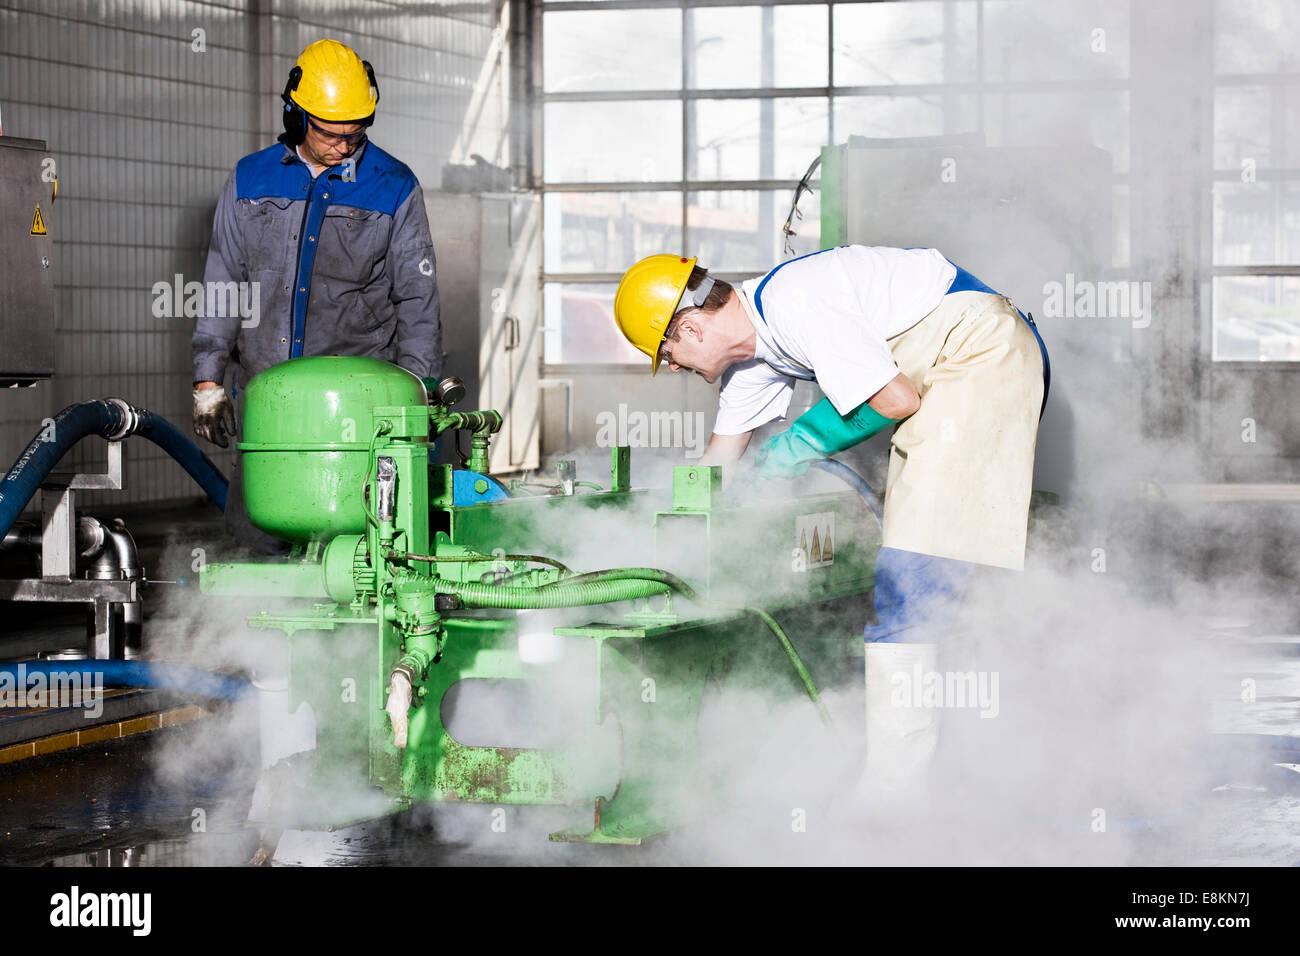 Servizio di assistenza on-site a GE Energy, motore a gas per la generazione di energia elettrica è scambiato Immagini Stock